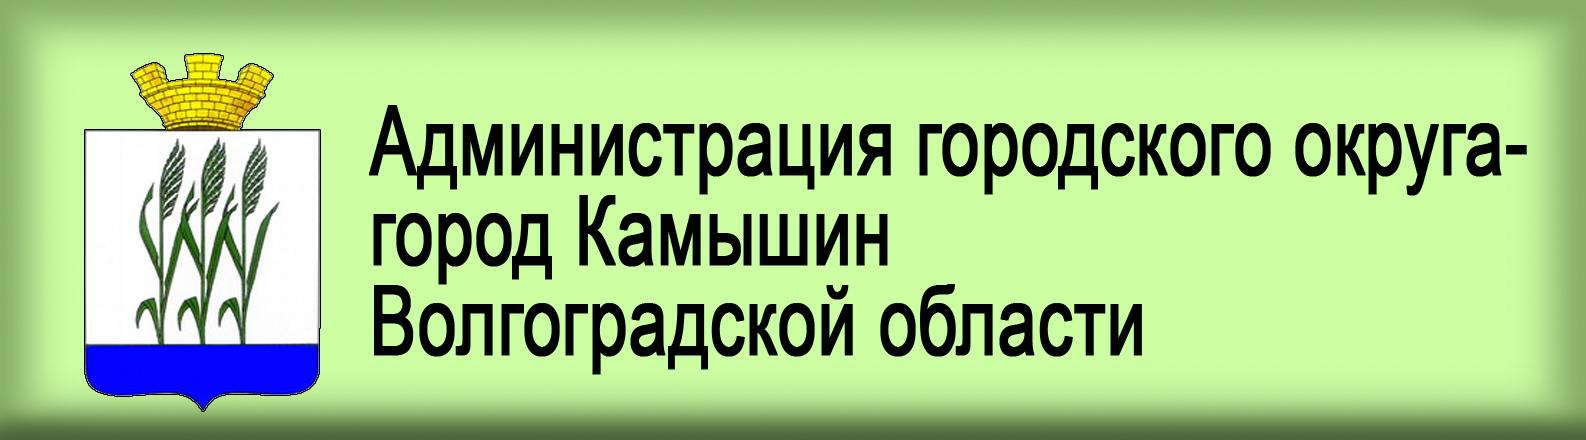 Сайт Администрации городского округа - городКамышин